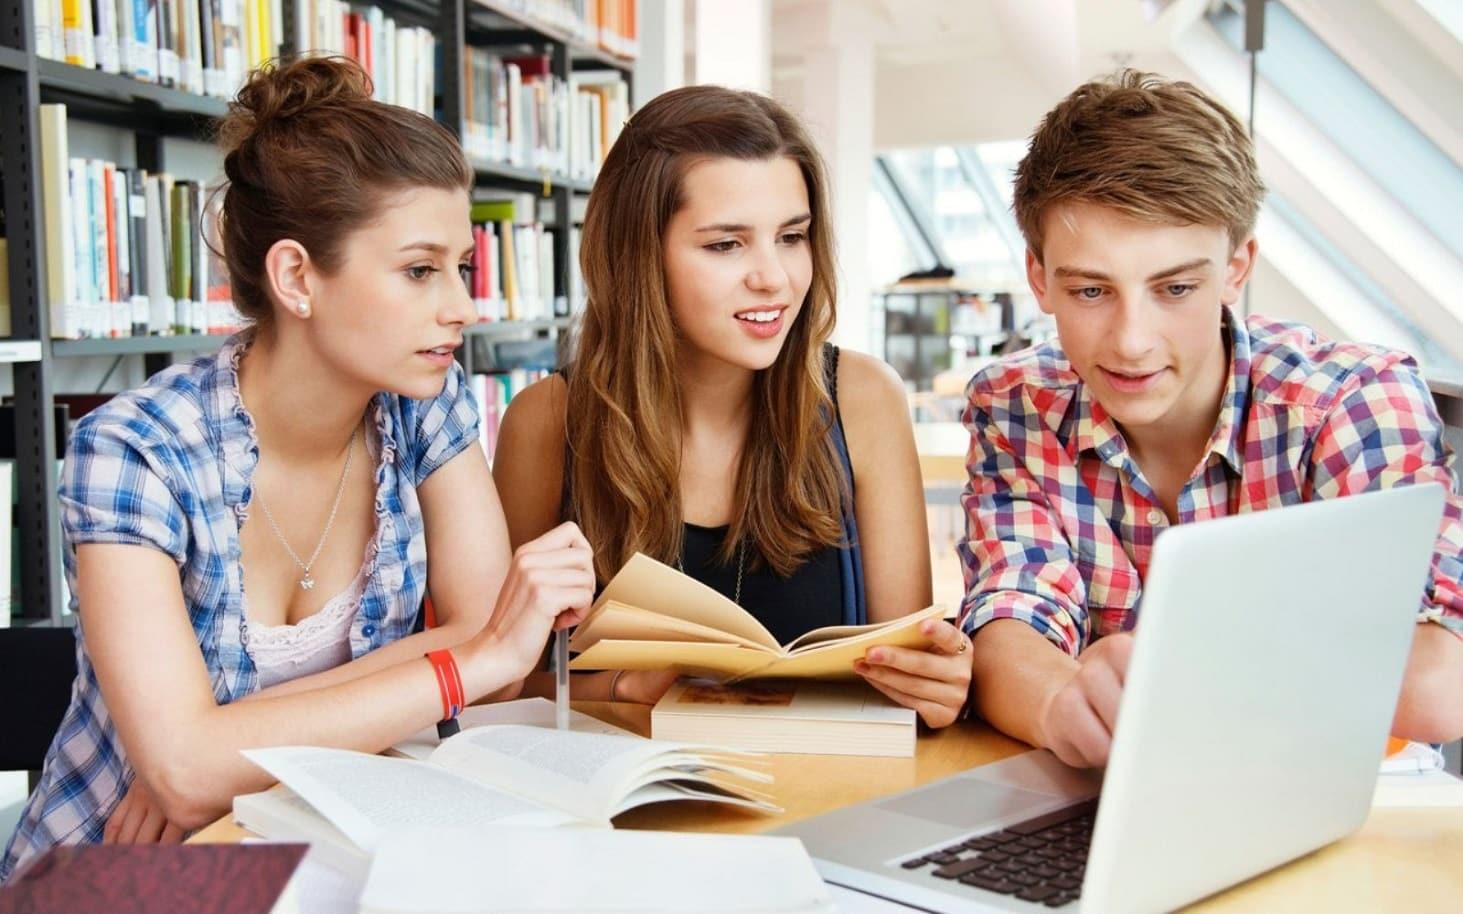 v-rossii-hotyat-razreshit-prepodavat-studentam-vypusknyh-kursov-pedkolledzhej